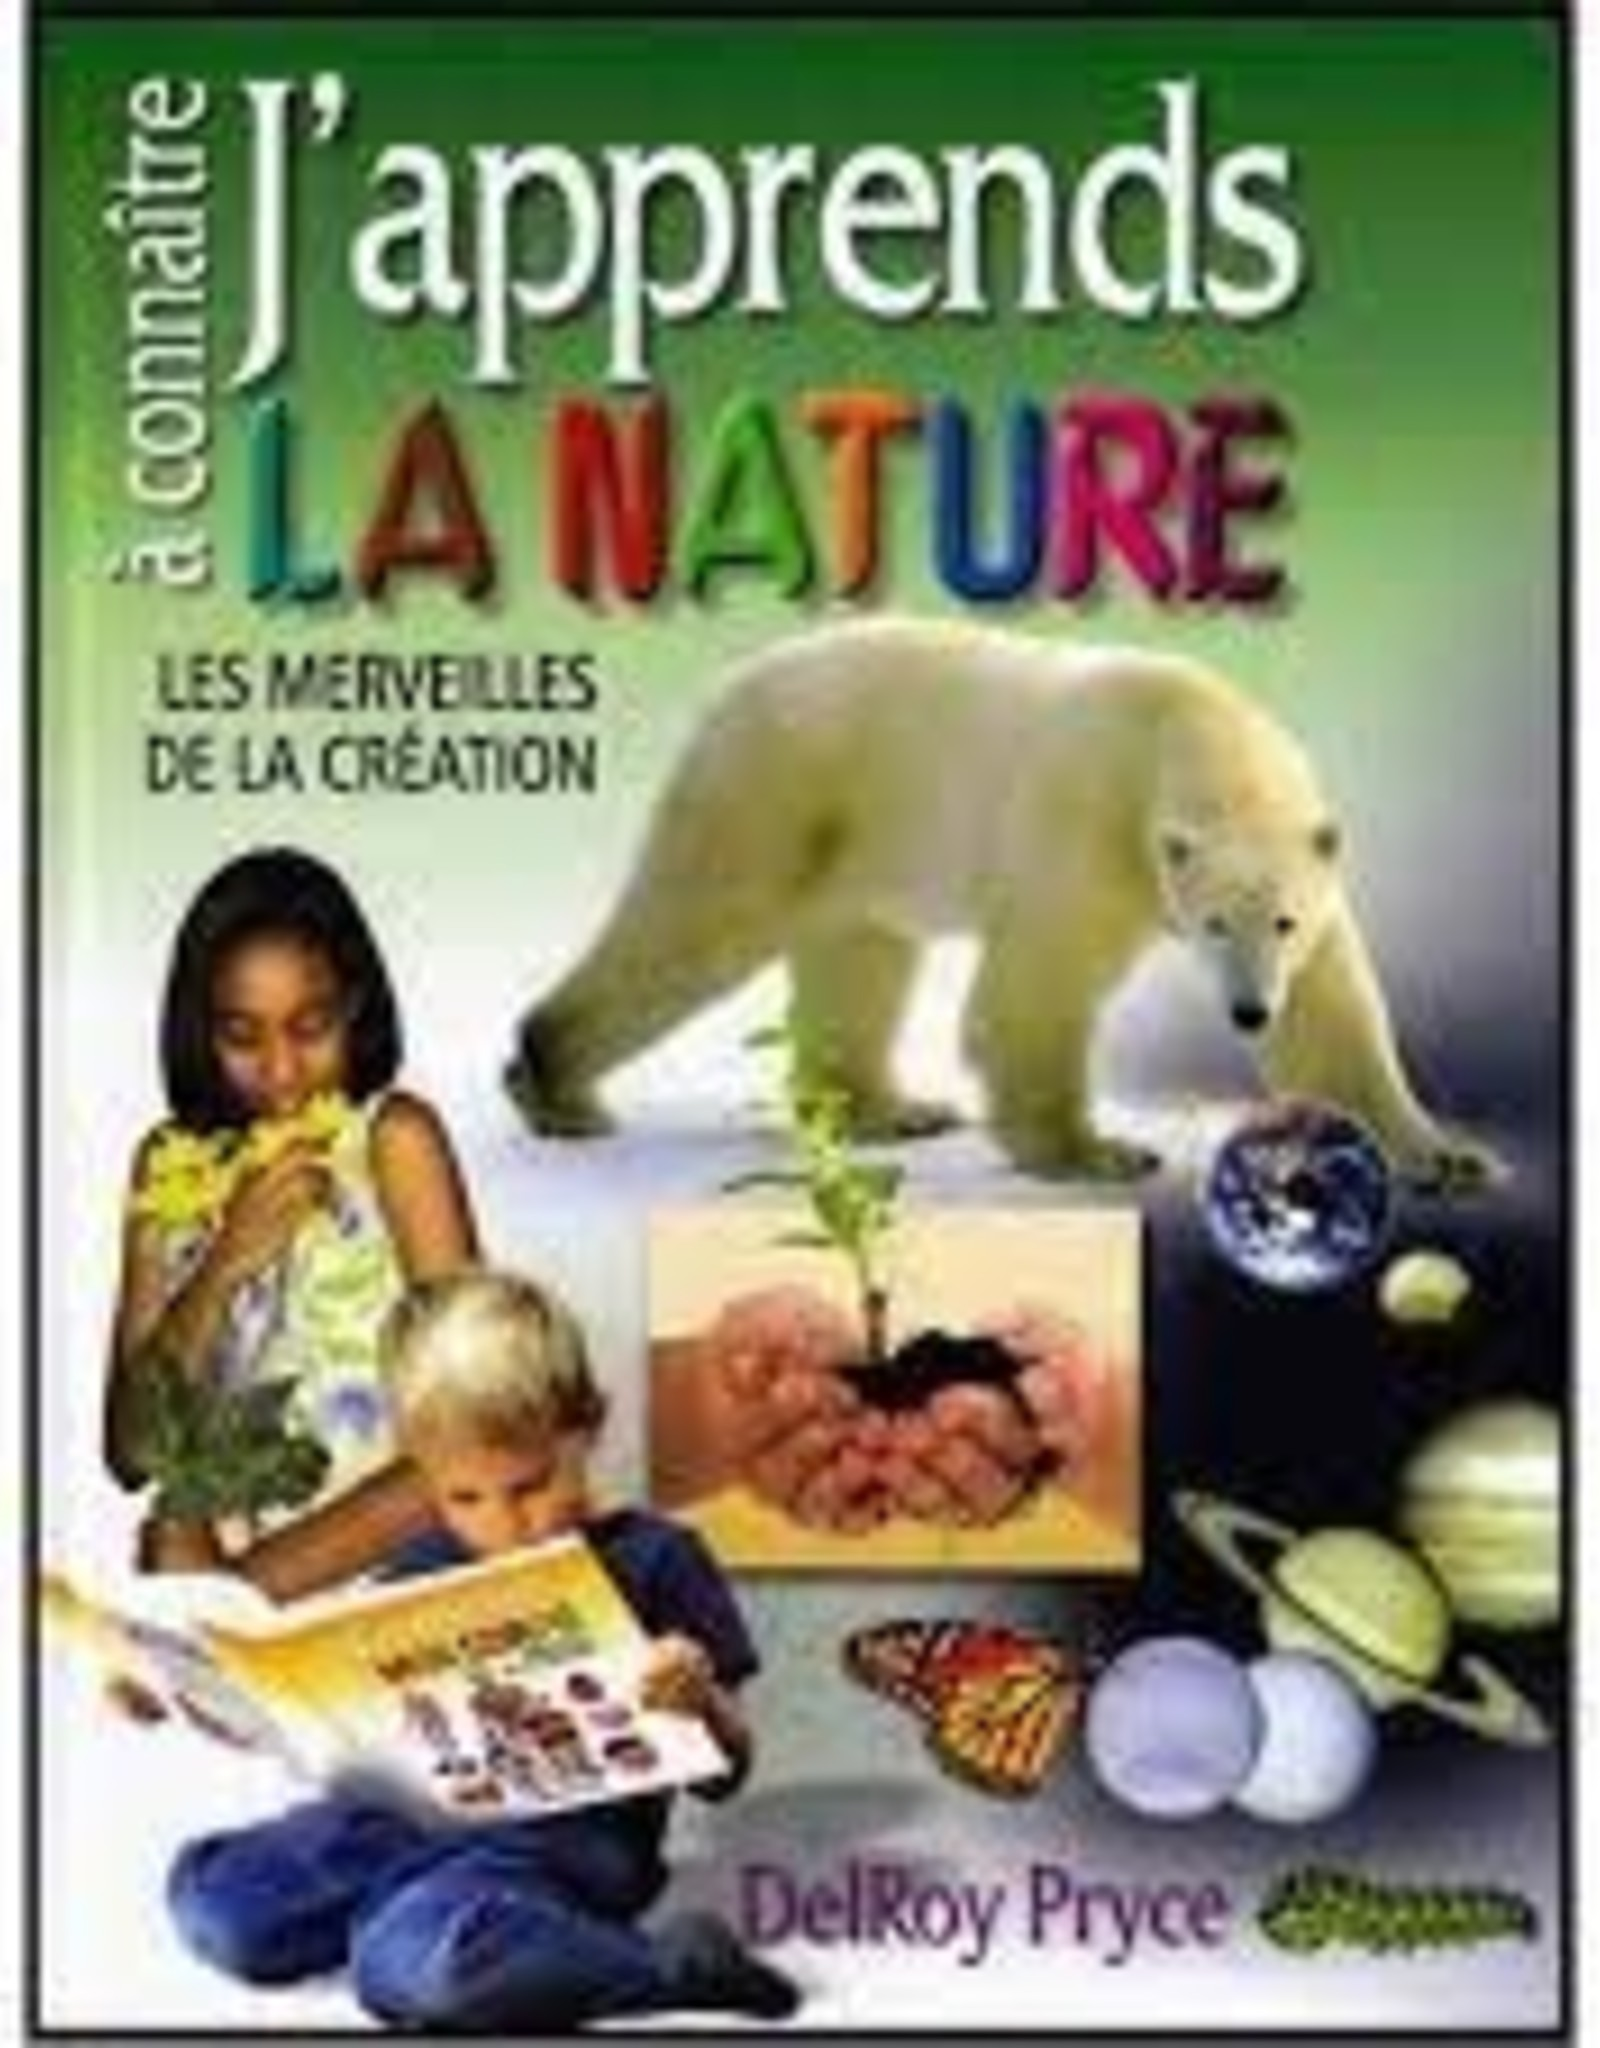 DelRoy Pryce J'apprends la nature - les merveilles de la création